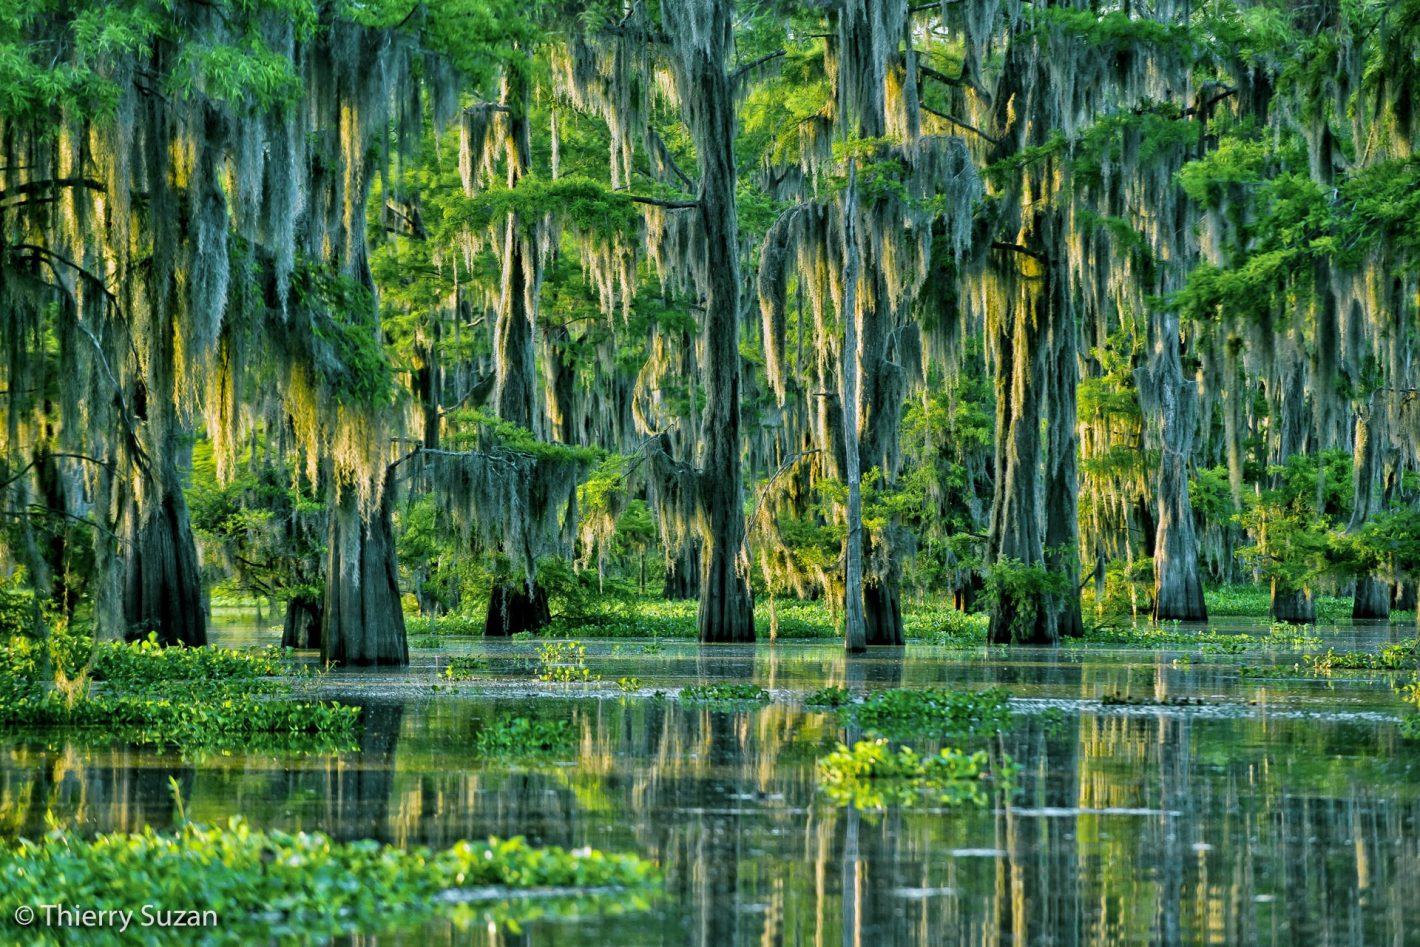 Bayou, Louisiane, Etats-Unis.